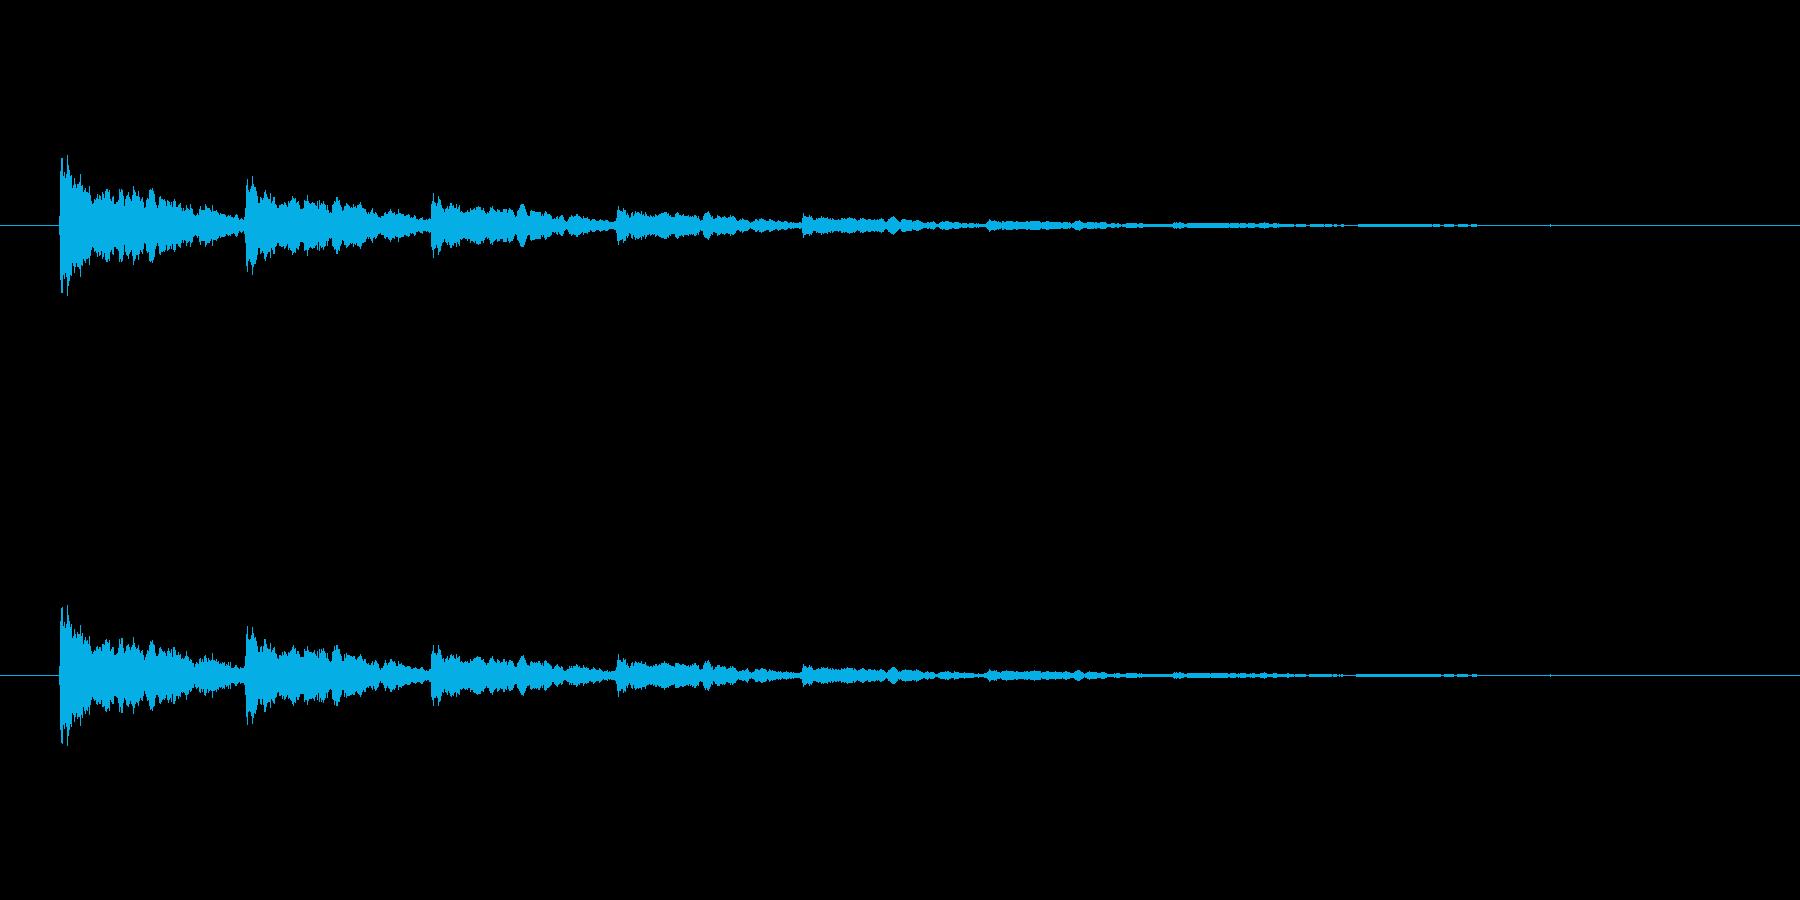 【アクセント11-4】の再生済みの波形